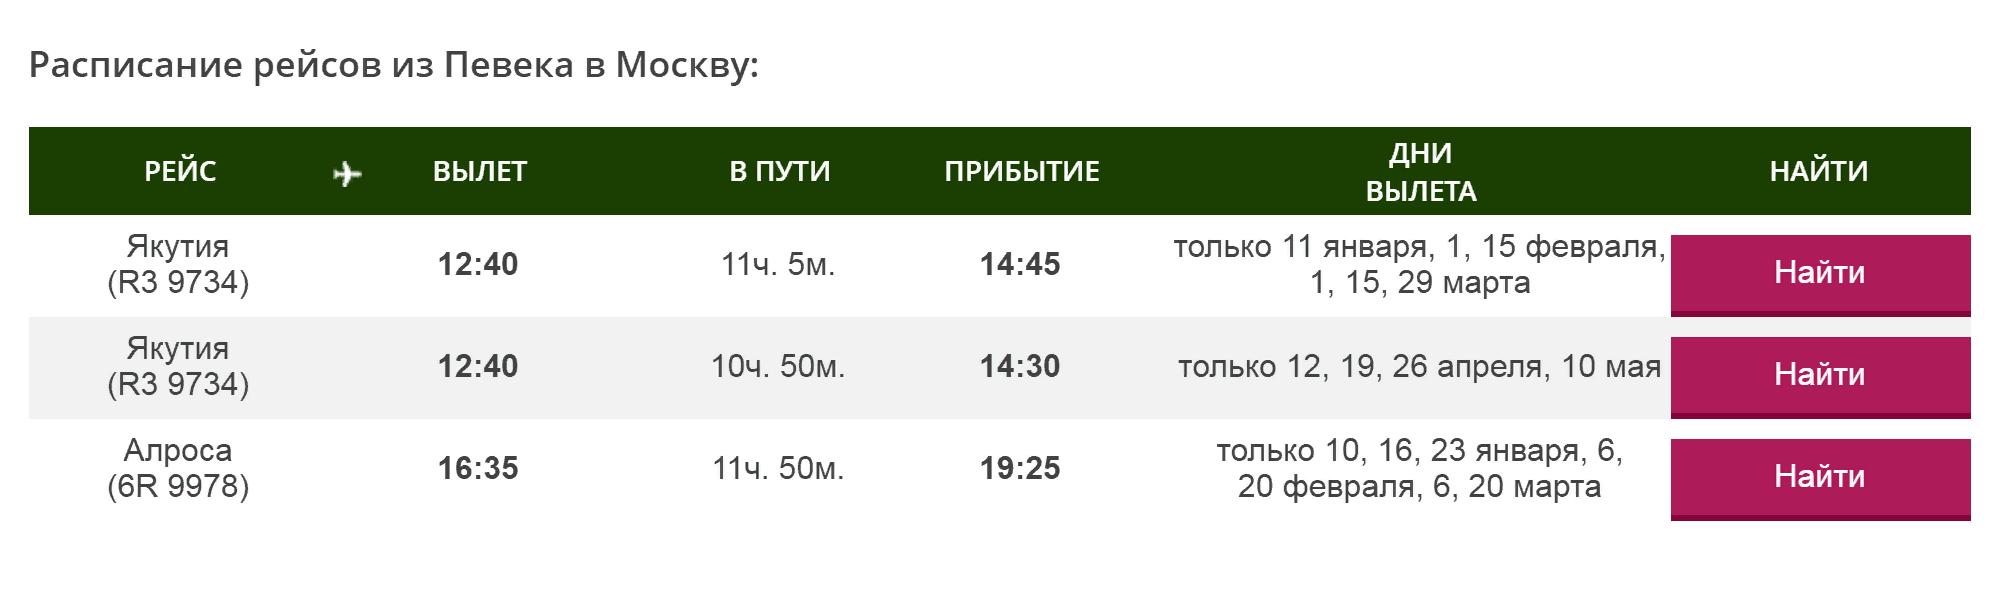 Билеты Певек — Москва — Певек обойдутся в 97 000 рублей